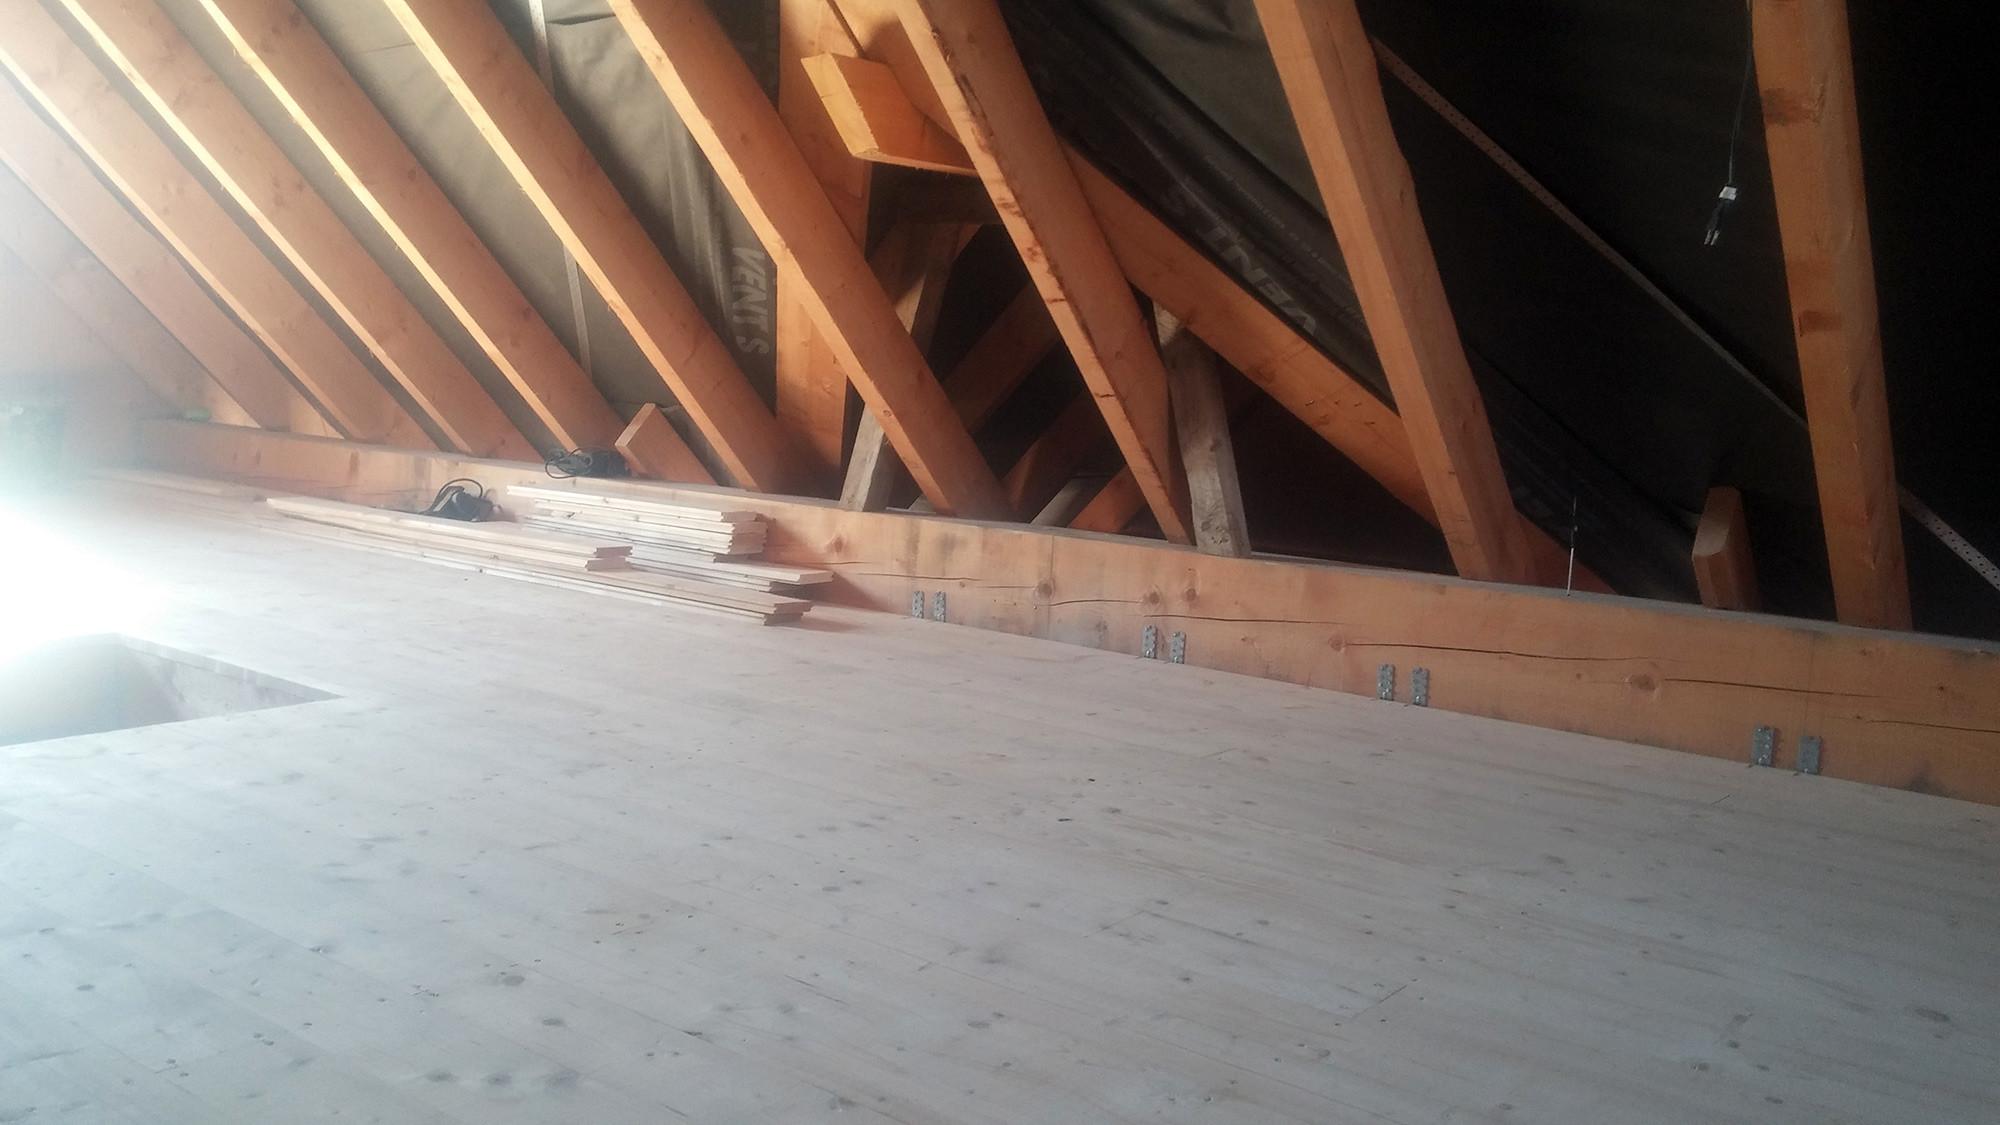 Fußboden Braun Oriflame ~ Fußboden aus rauhspund » neuen dielenboden auf alten rauspund im